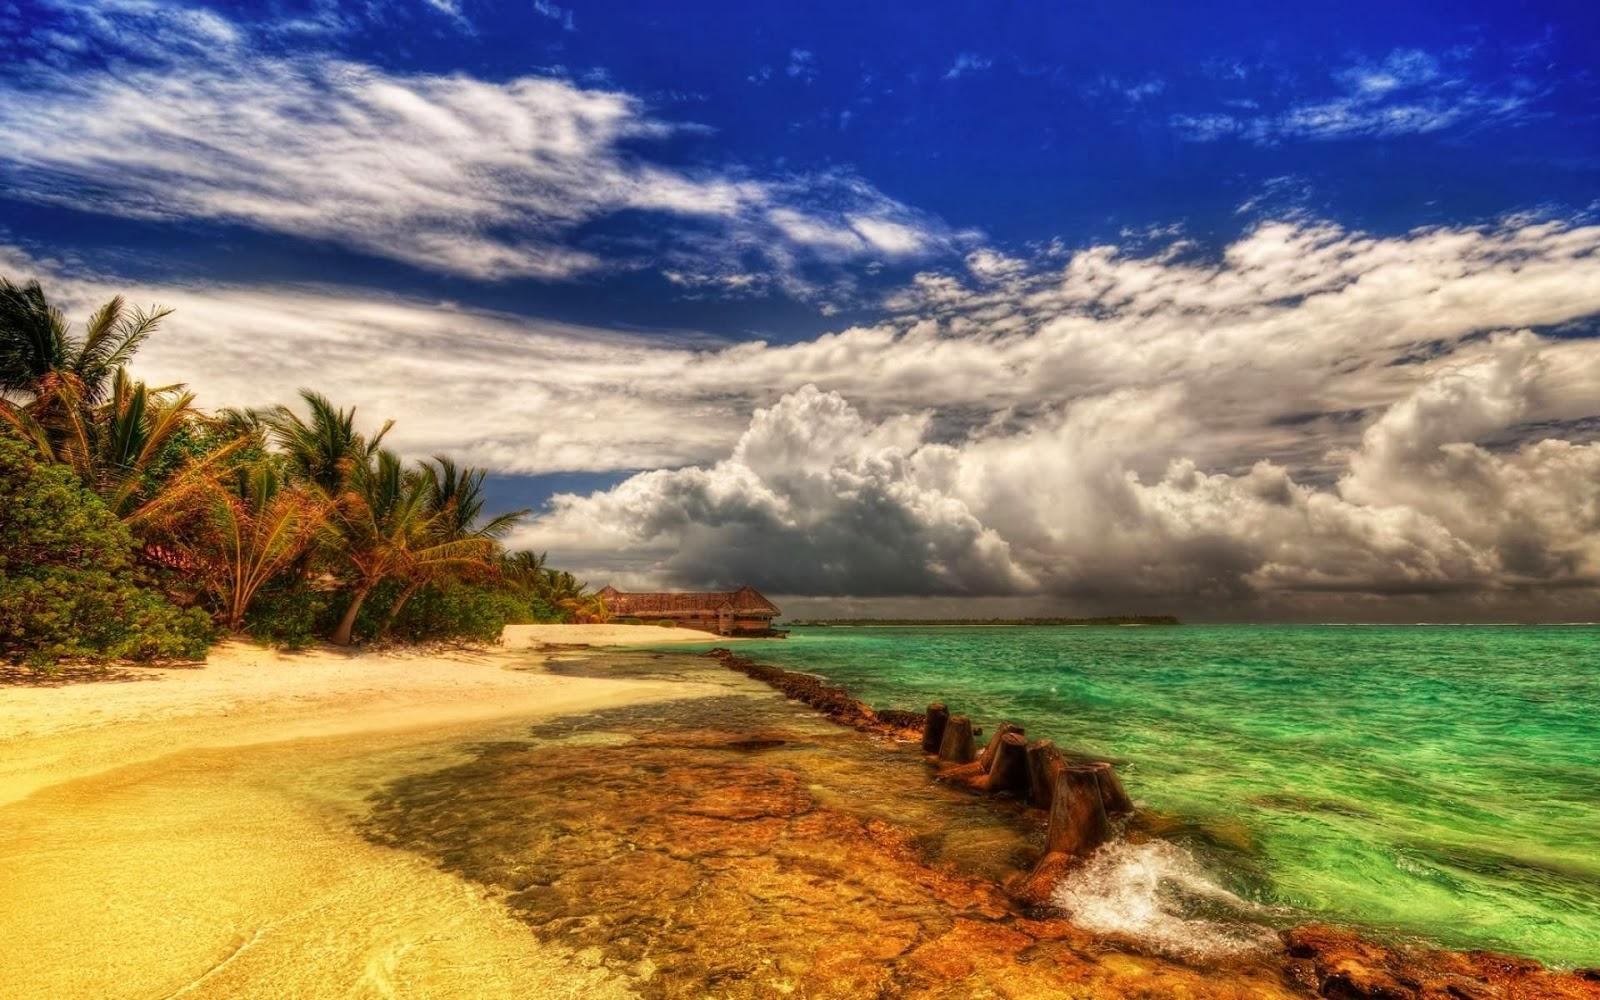 صور طبيعة بحر خرافة